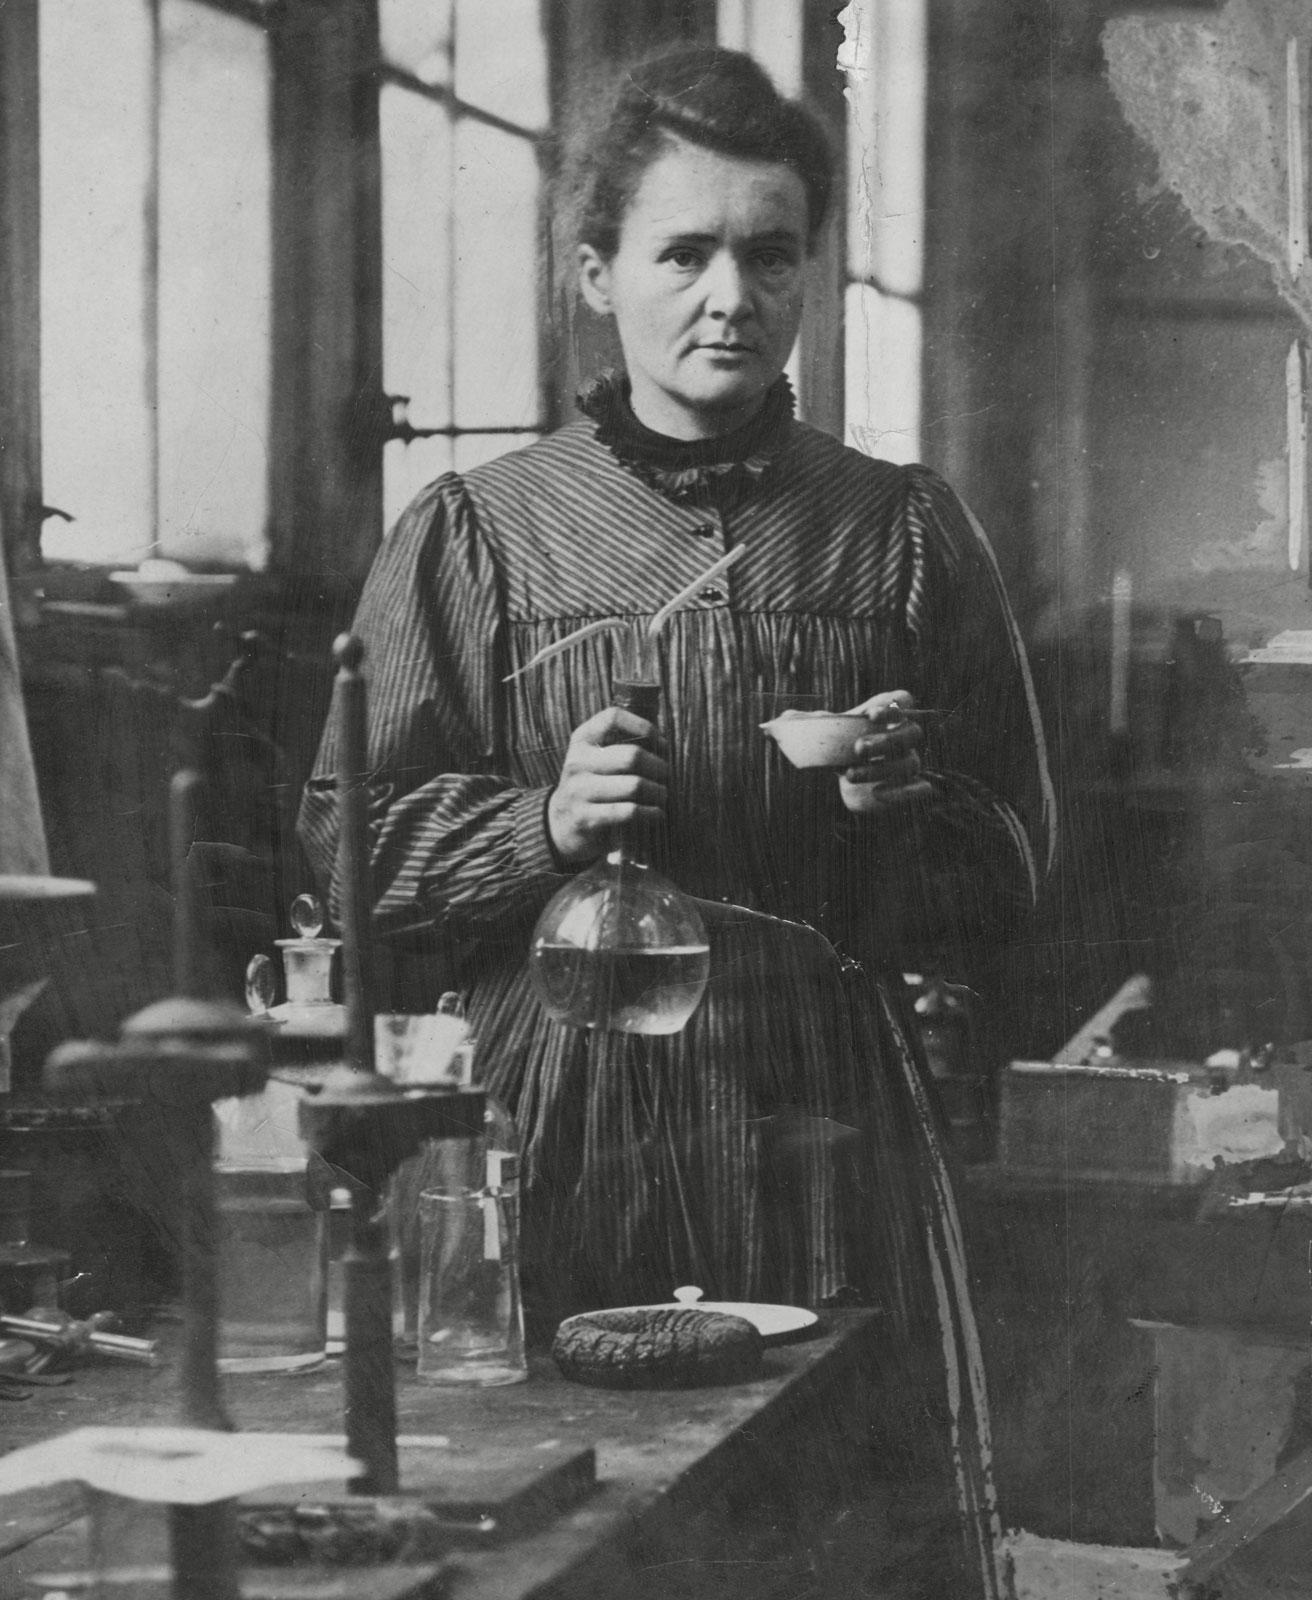 Marie Curie (1867-1934) in haar laboratorium, radioactieve mode uit de geschiedenis, museum, Amsterdam Museum geschreven door Marit Eisses voor Modemuze. Marie Curie, radium, 20e eeuw,  reclamemateriaal voor radioactieve producten, mode, radioactieve mode